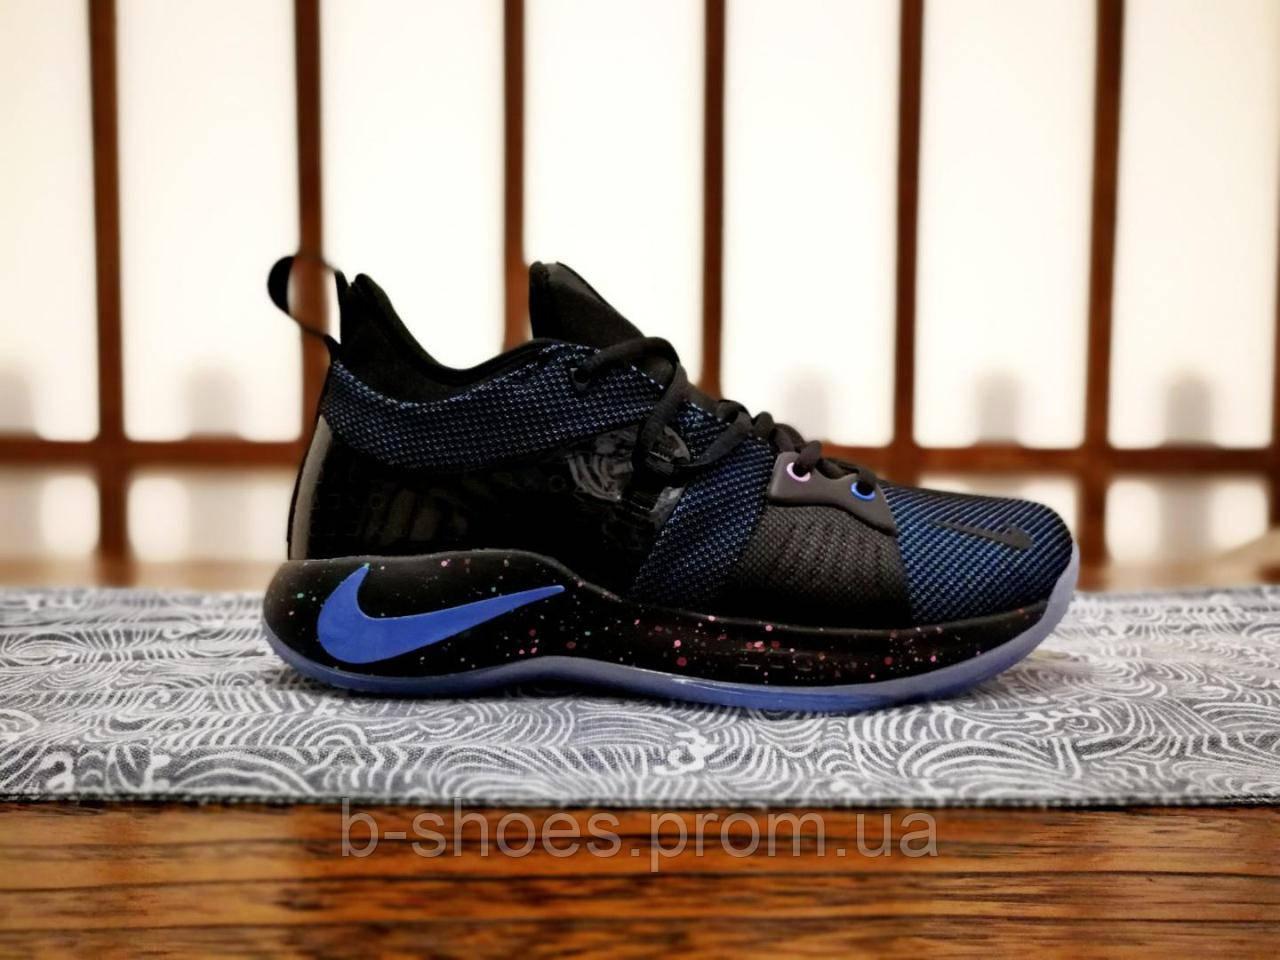 """Мужские баскетбольные кроссовки Nike Zoom PG 2 """"PlayStation"""""""